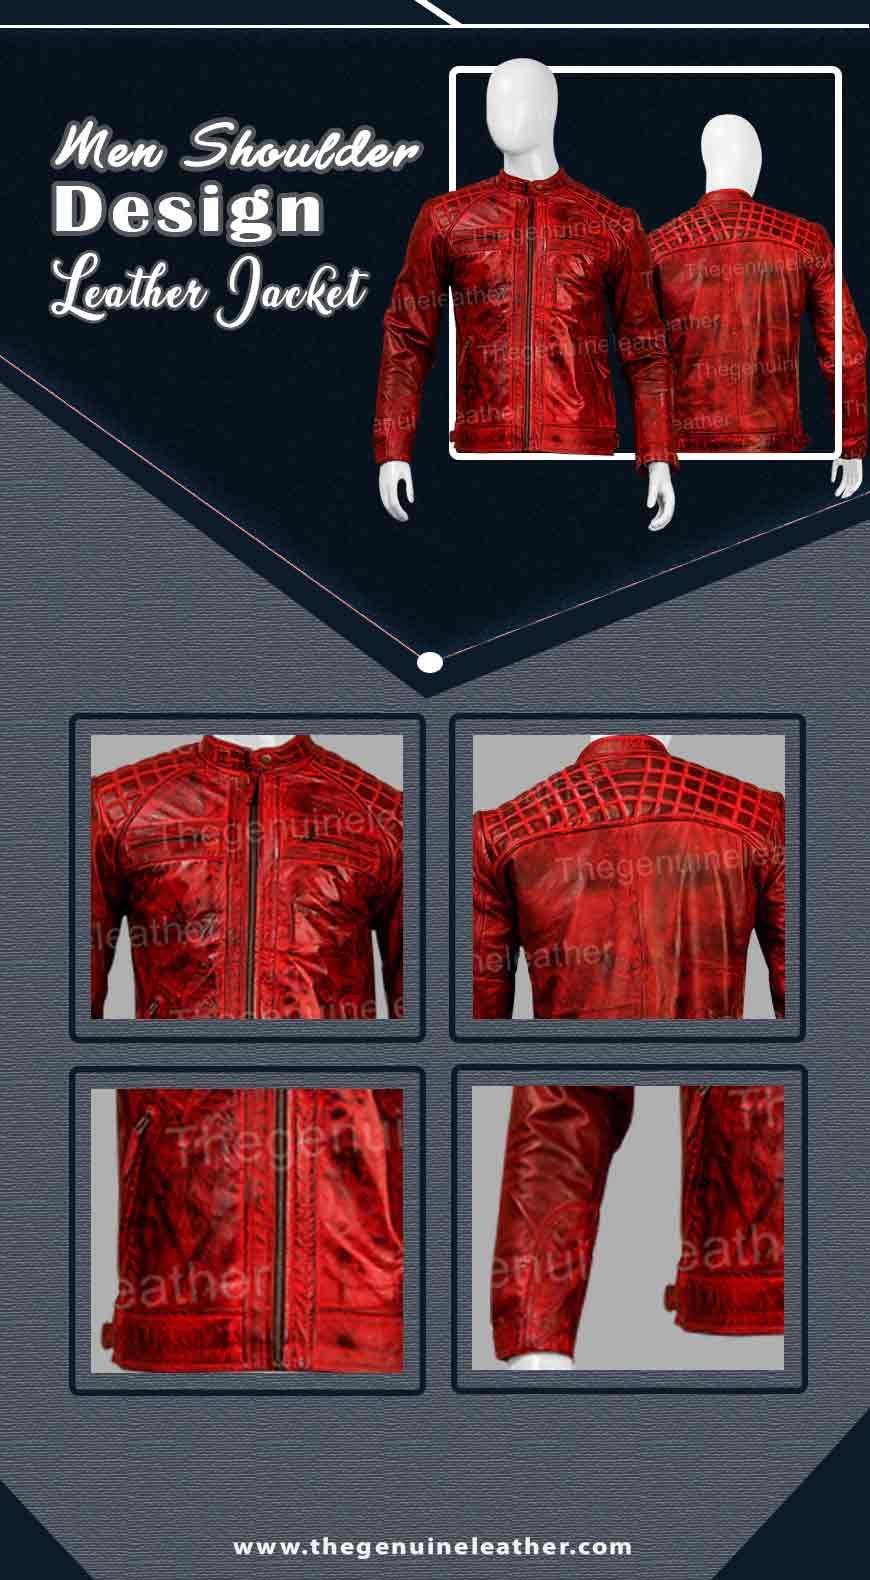 Men Shoulder Design Leather Jacket Infography